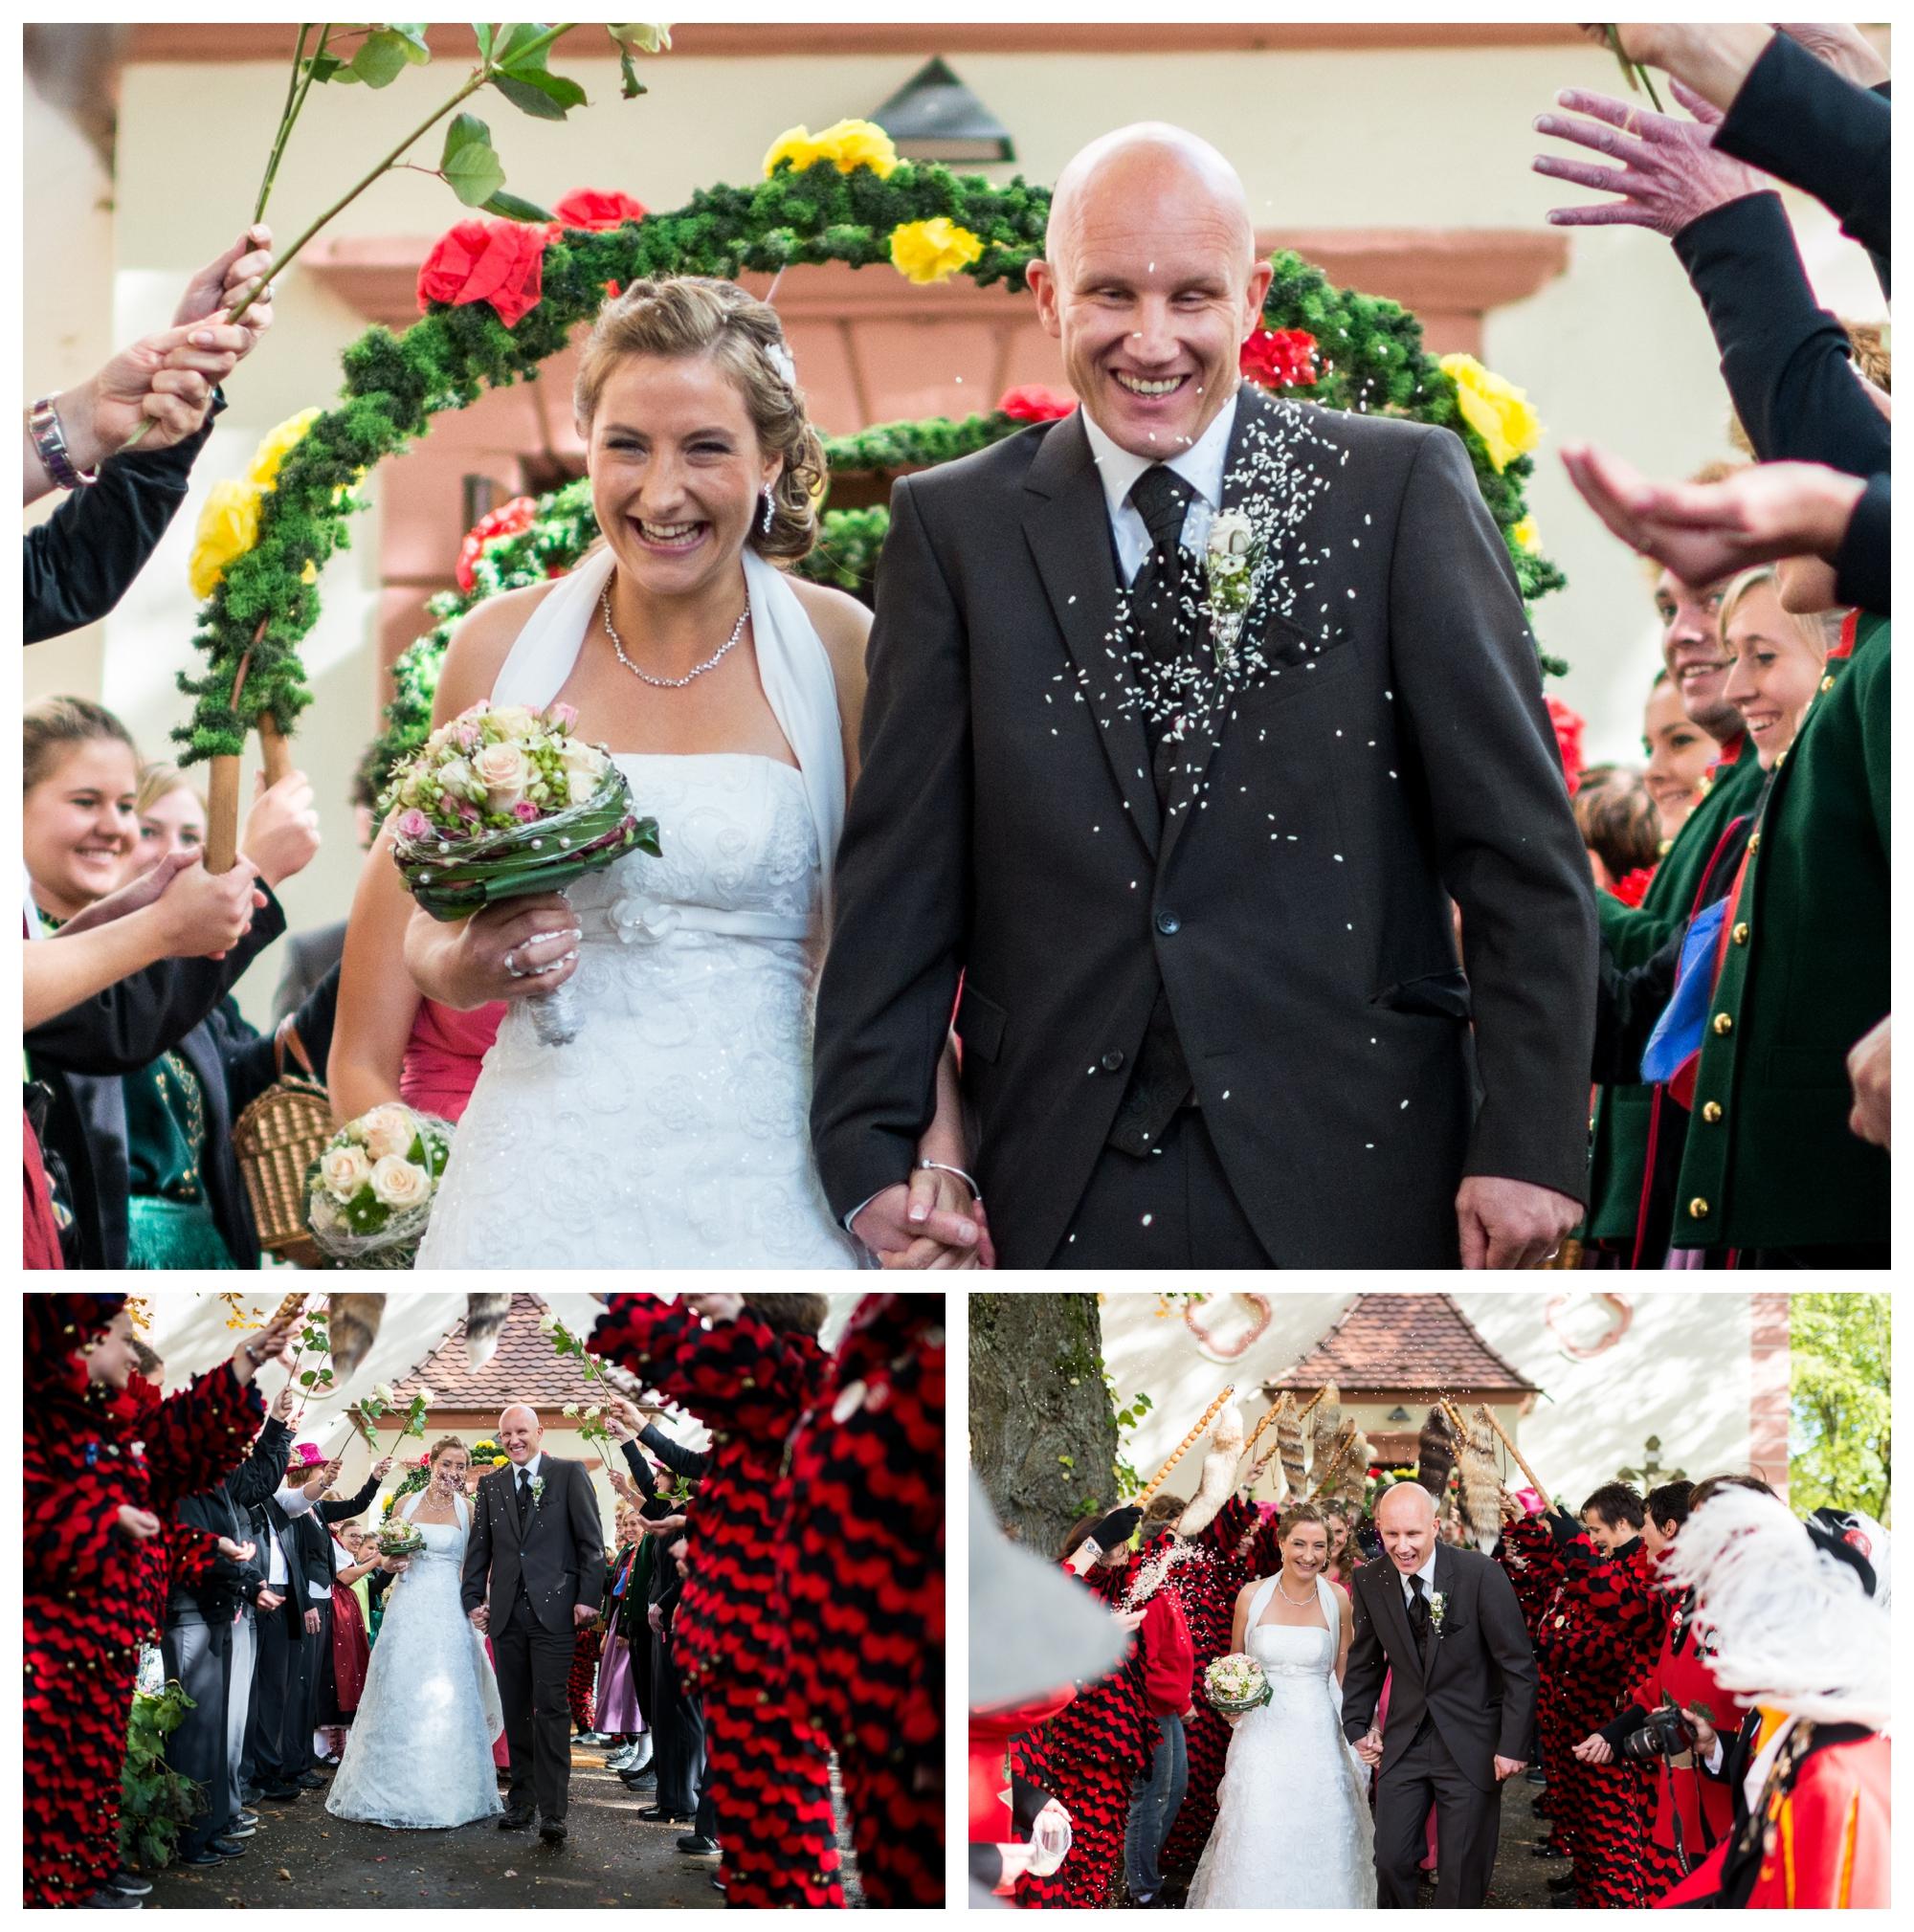 Fotograf Konstanz - 2013 12 09 0018 - Als Hochzeitsfotograf in Bad Dürrheim unterwegs  - 36 -